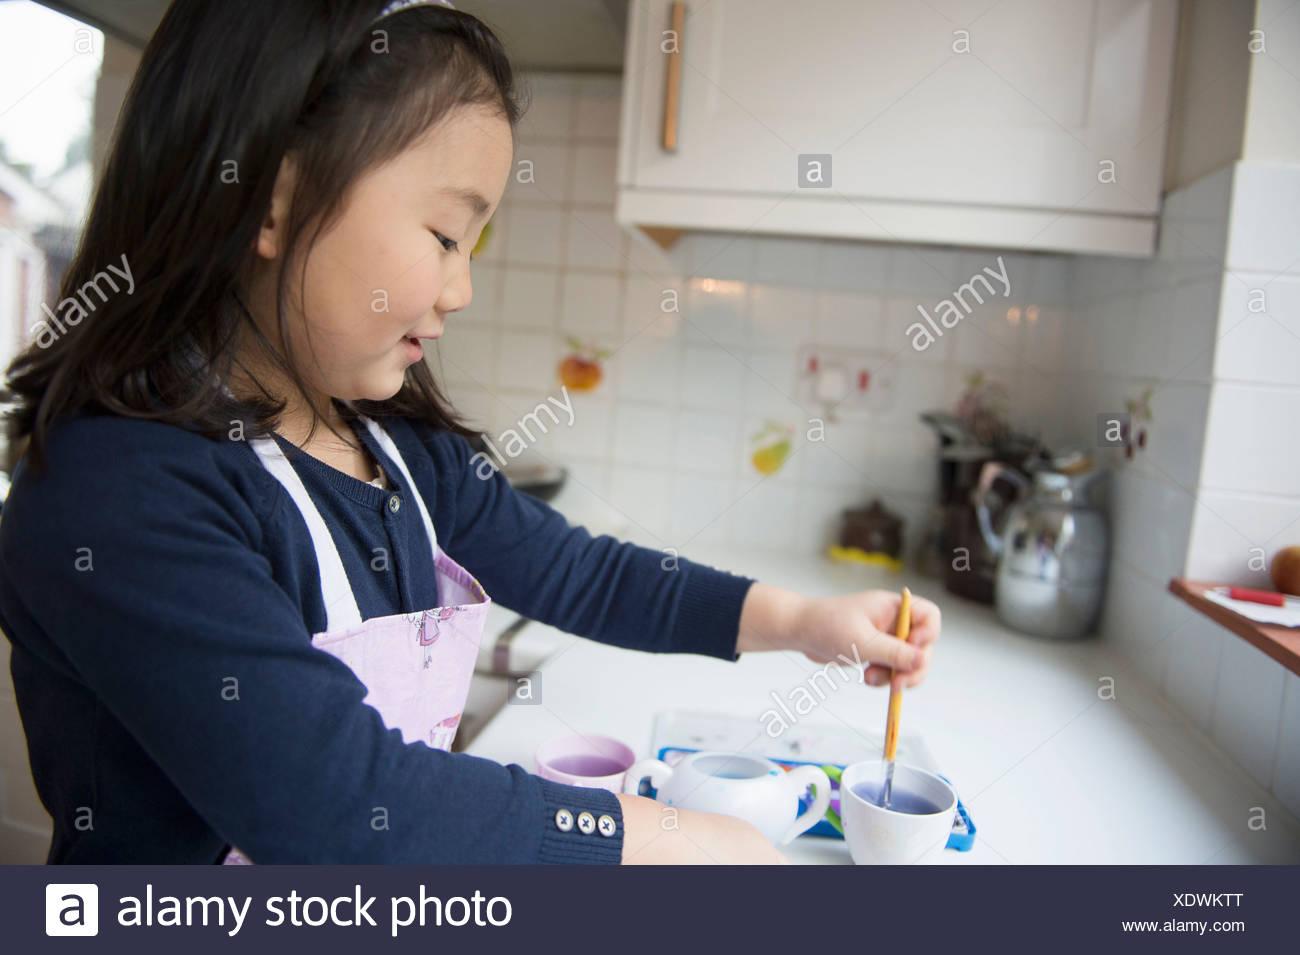 Junges Mädchen Tauchen Pinsel in der Wasserschale in Küche Stockbild